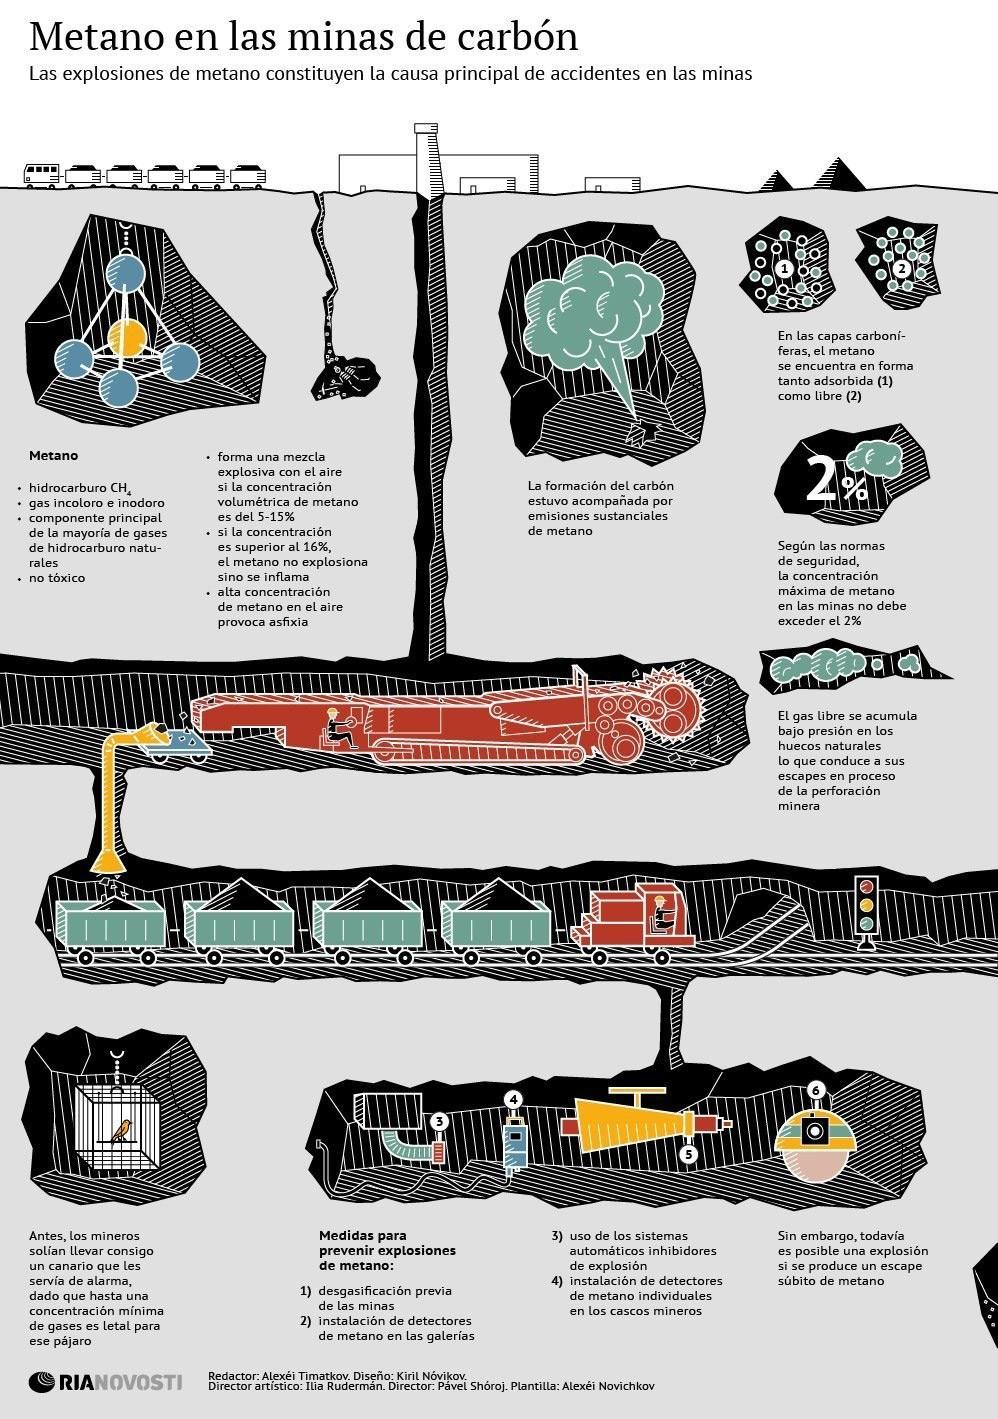 Metano en las minas de carbón